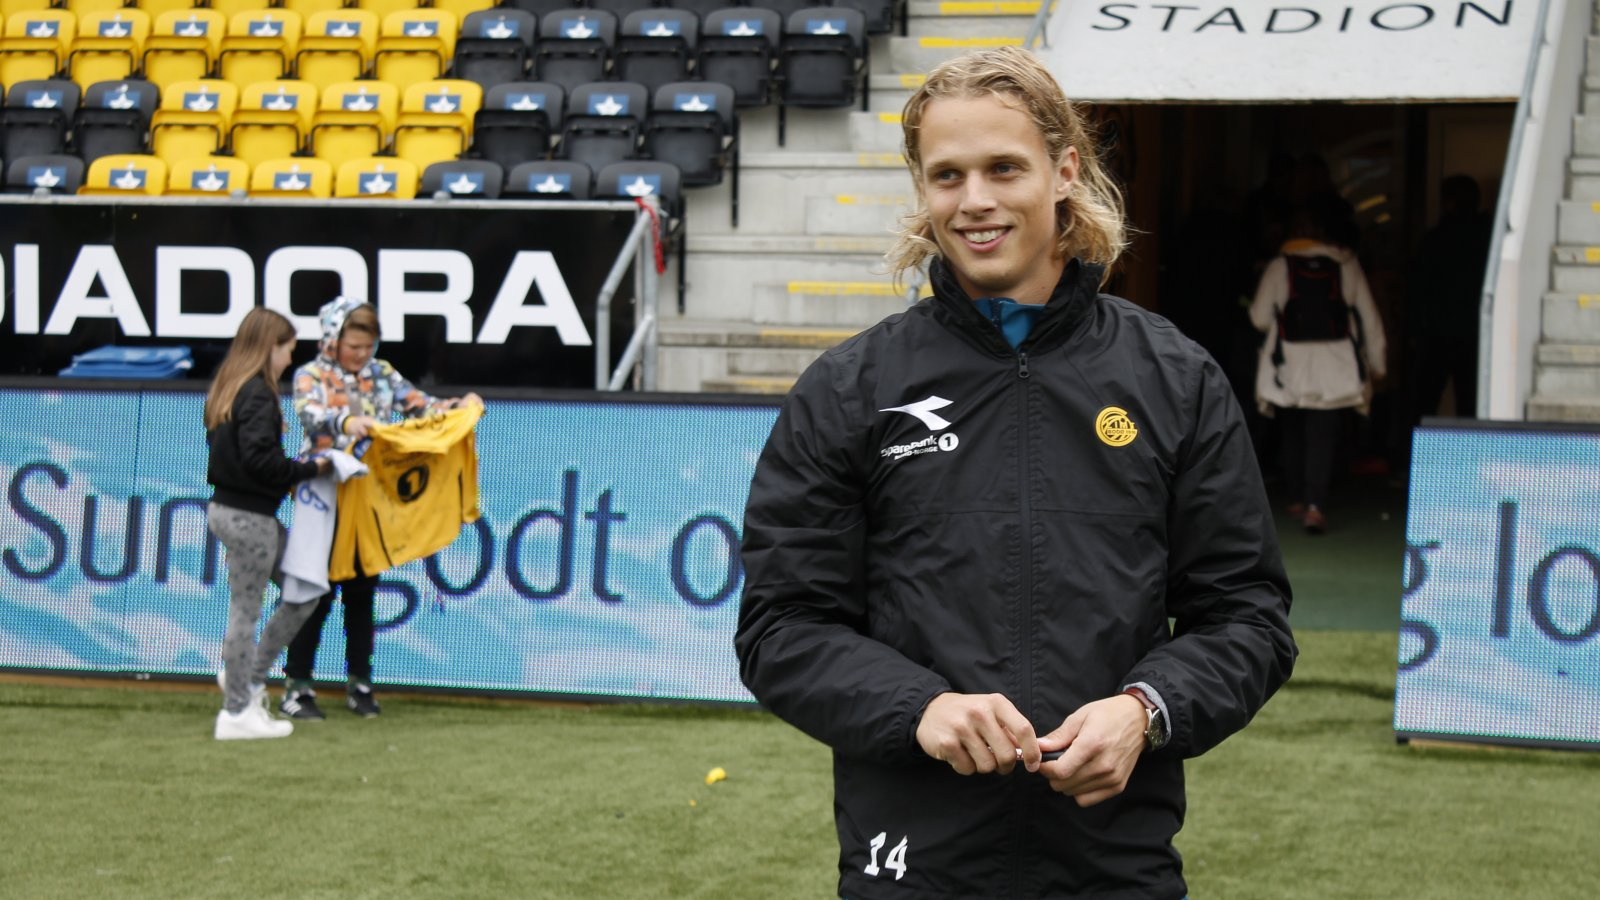 56ddfe331 En fantastisk dag! / Bodø/Glimt